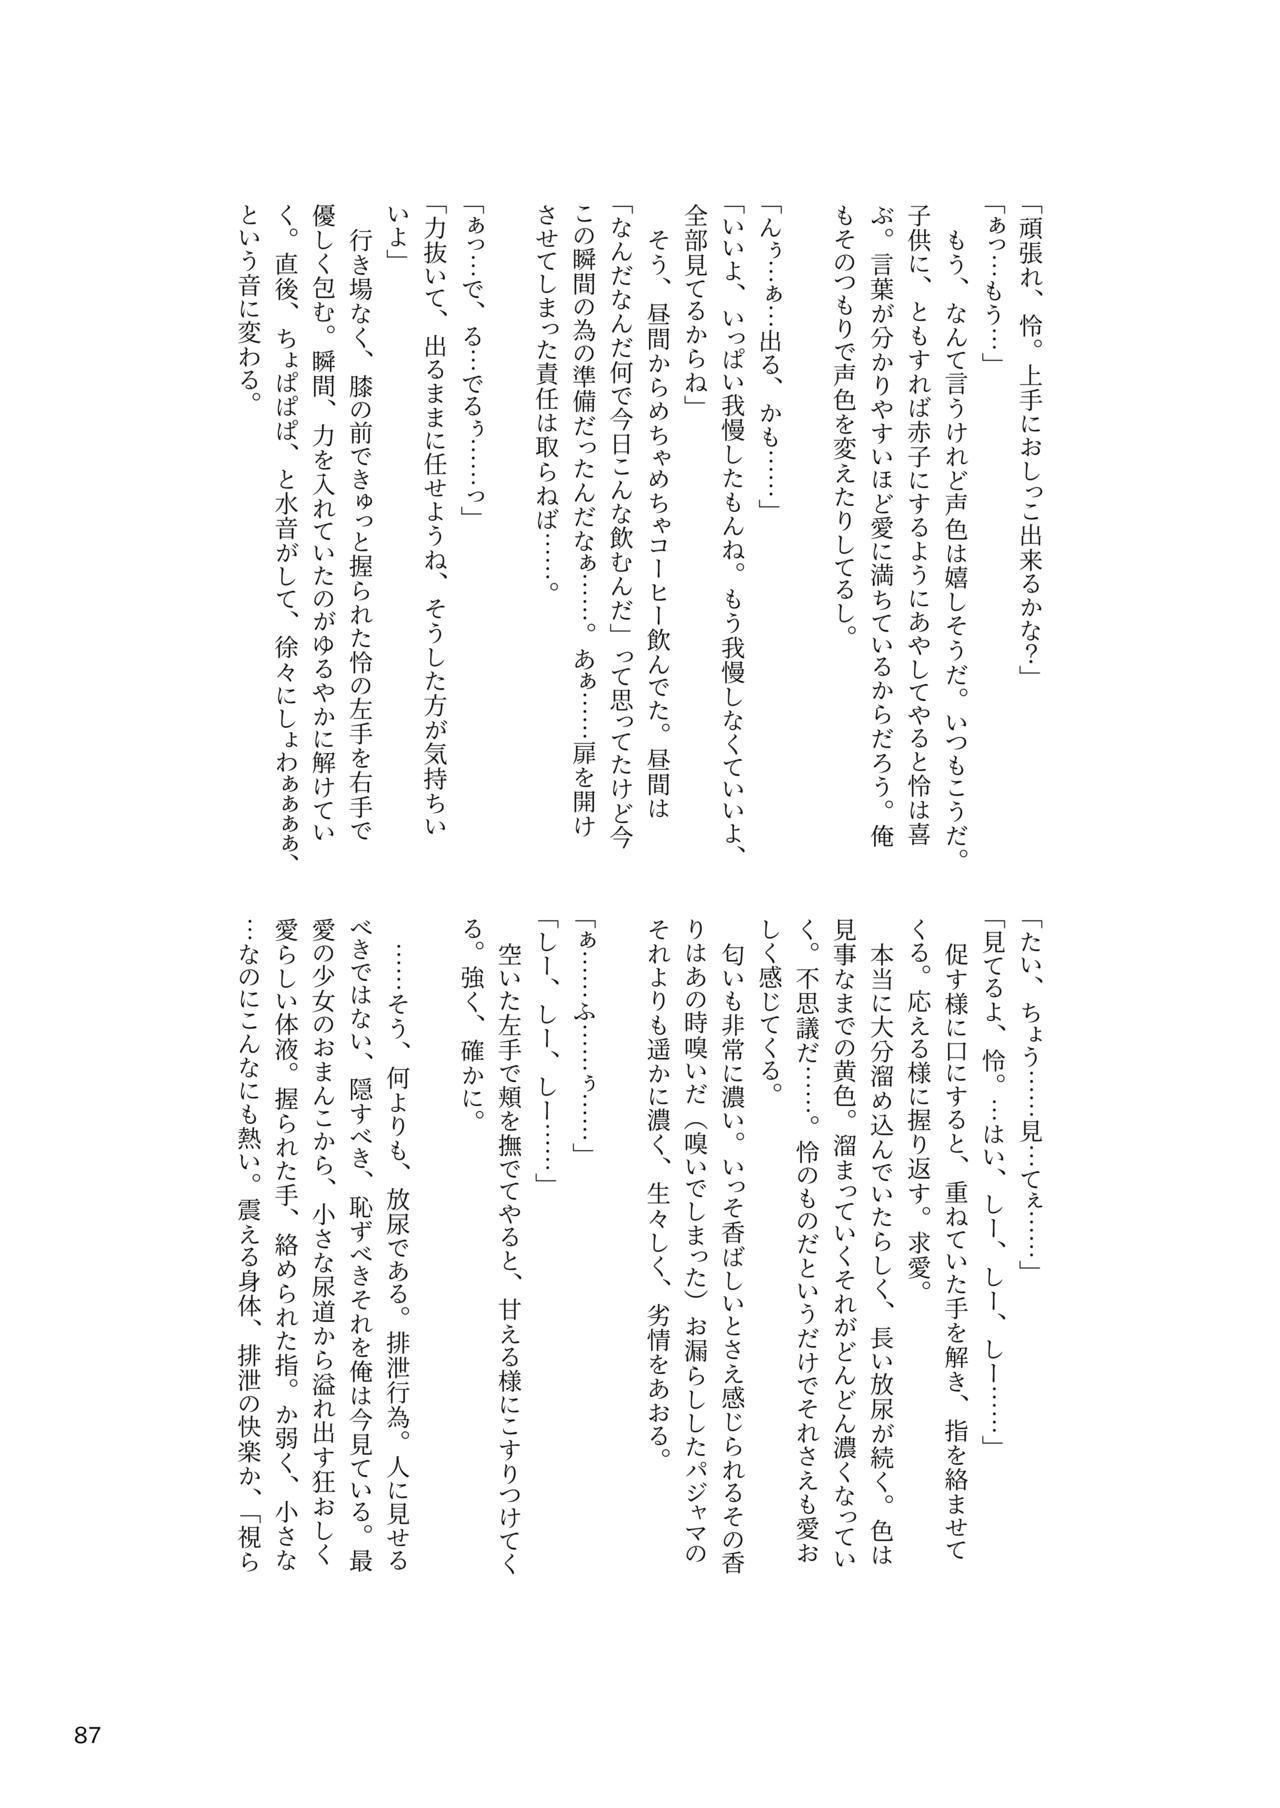 ア○スギア総合スカトロアンソロジー アクトレス排泄実態調査任務~スカポためるっすか!?~ 86